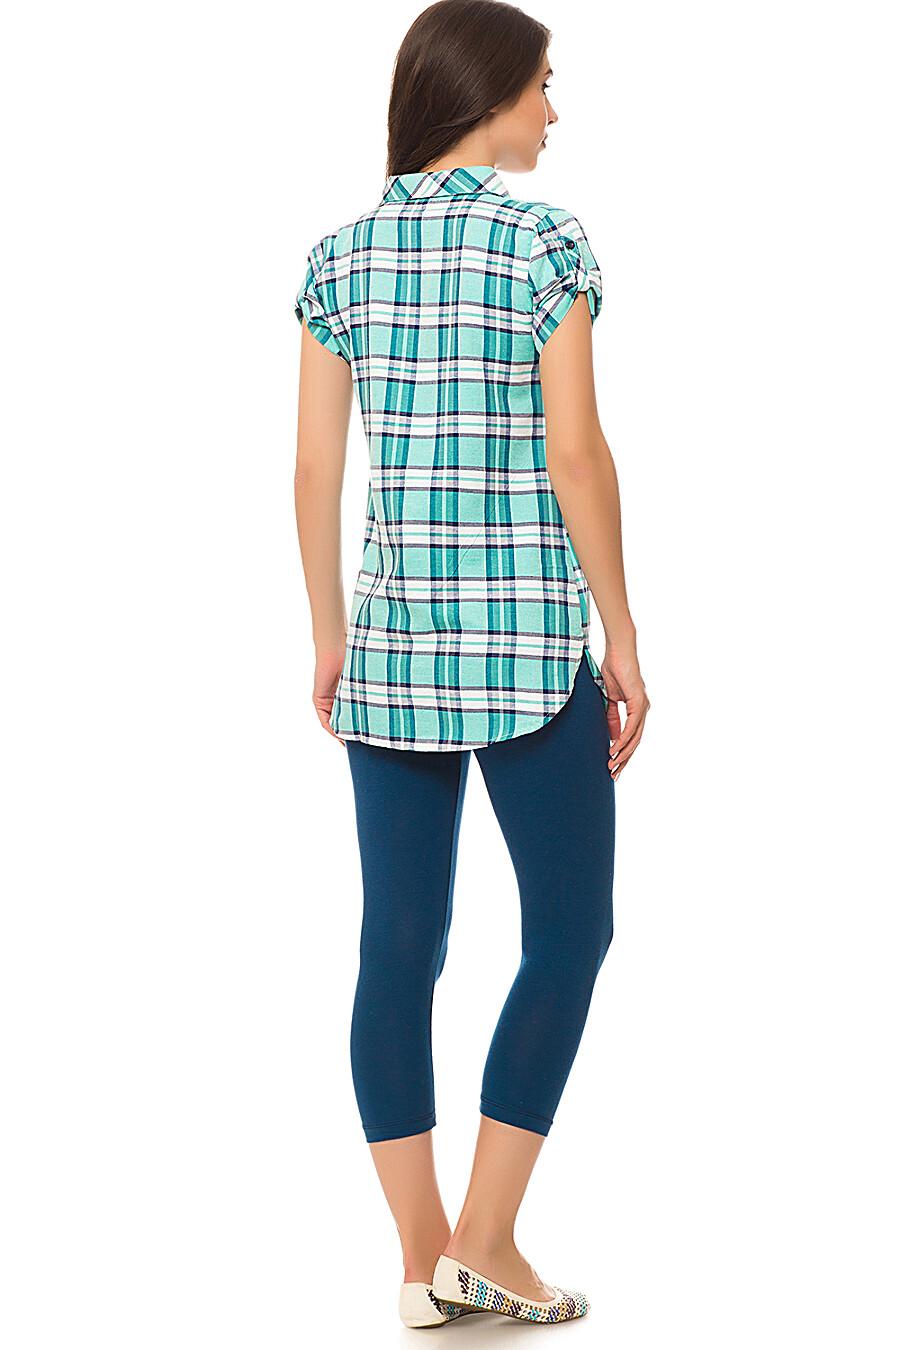 Комплект (Лосины + Рубашка) BON-AR (64326), купить в Moyo.moda